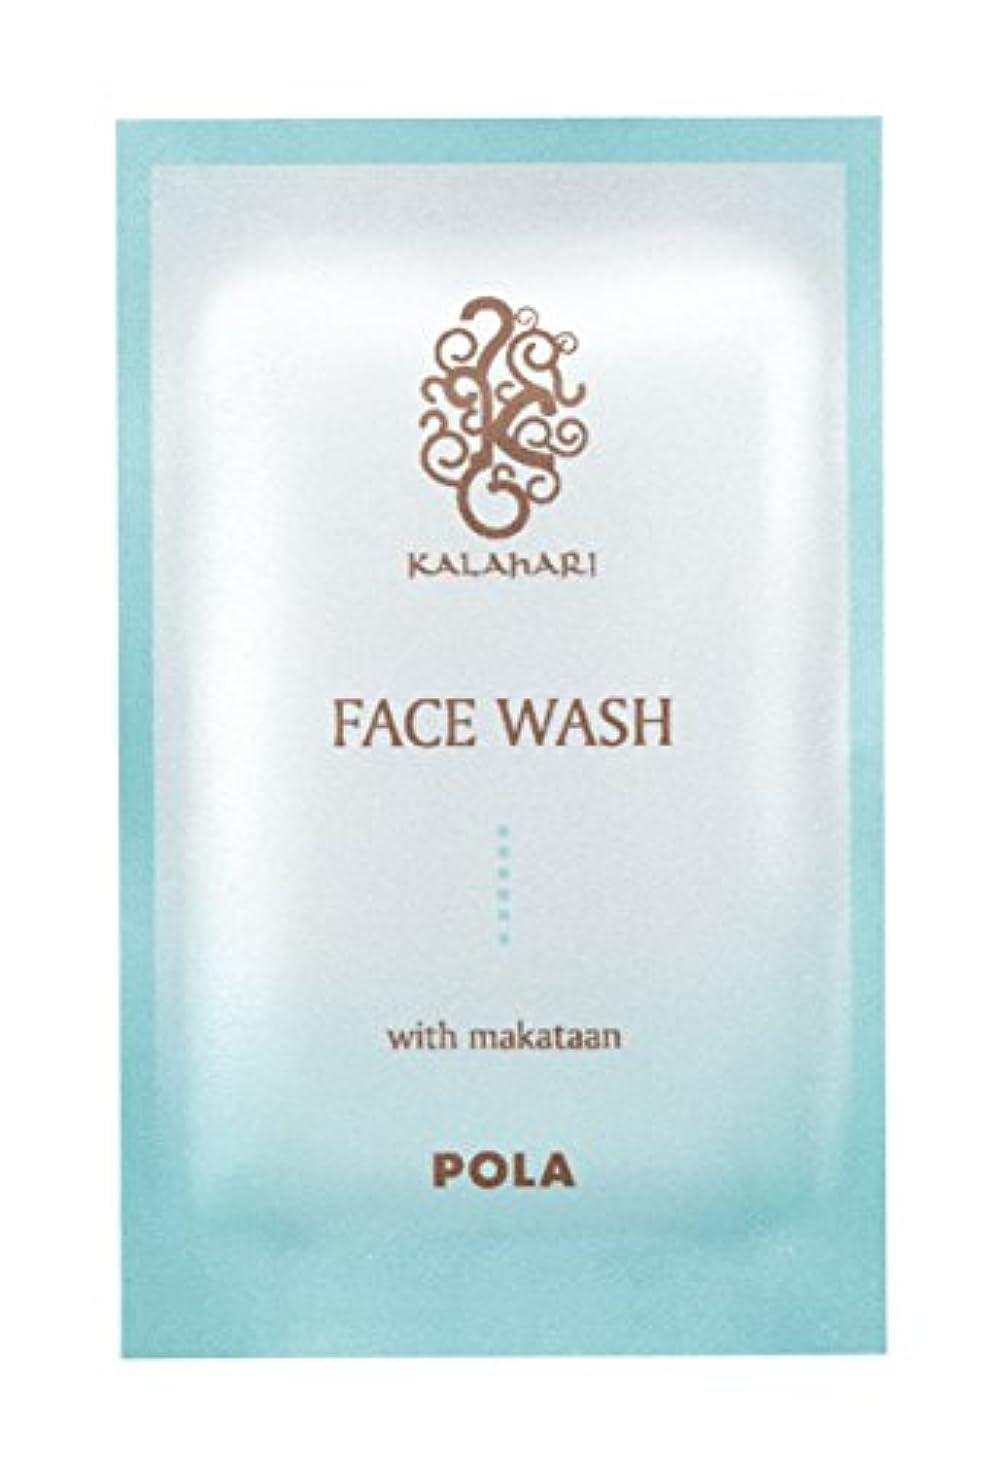 消える下向きエラーPOLA ポーラ カラハリ フェイスウォッシュ 洗顔料 個包装 2g×100包